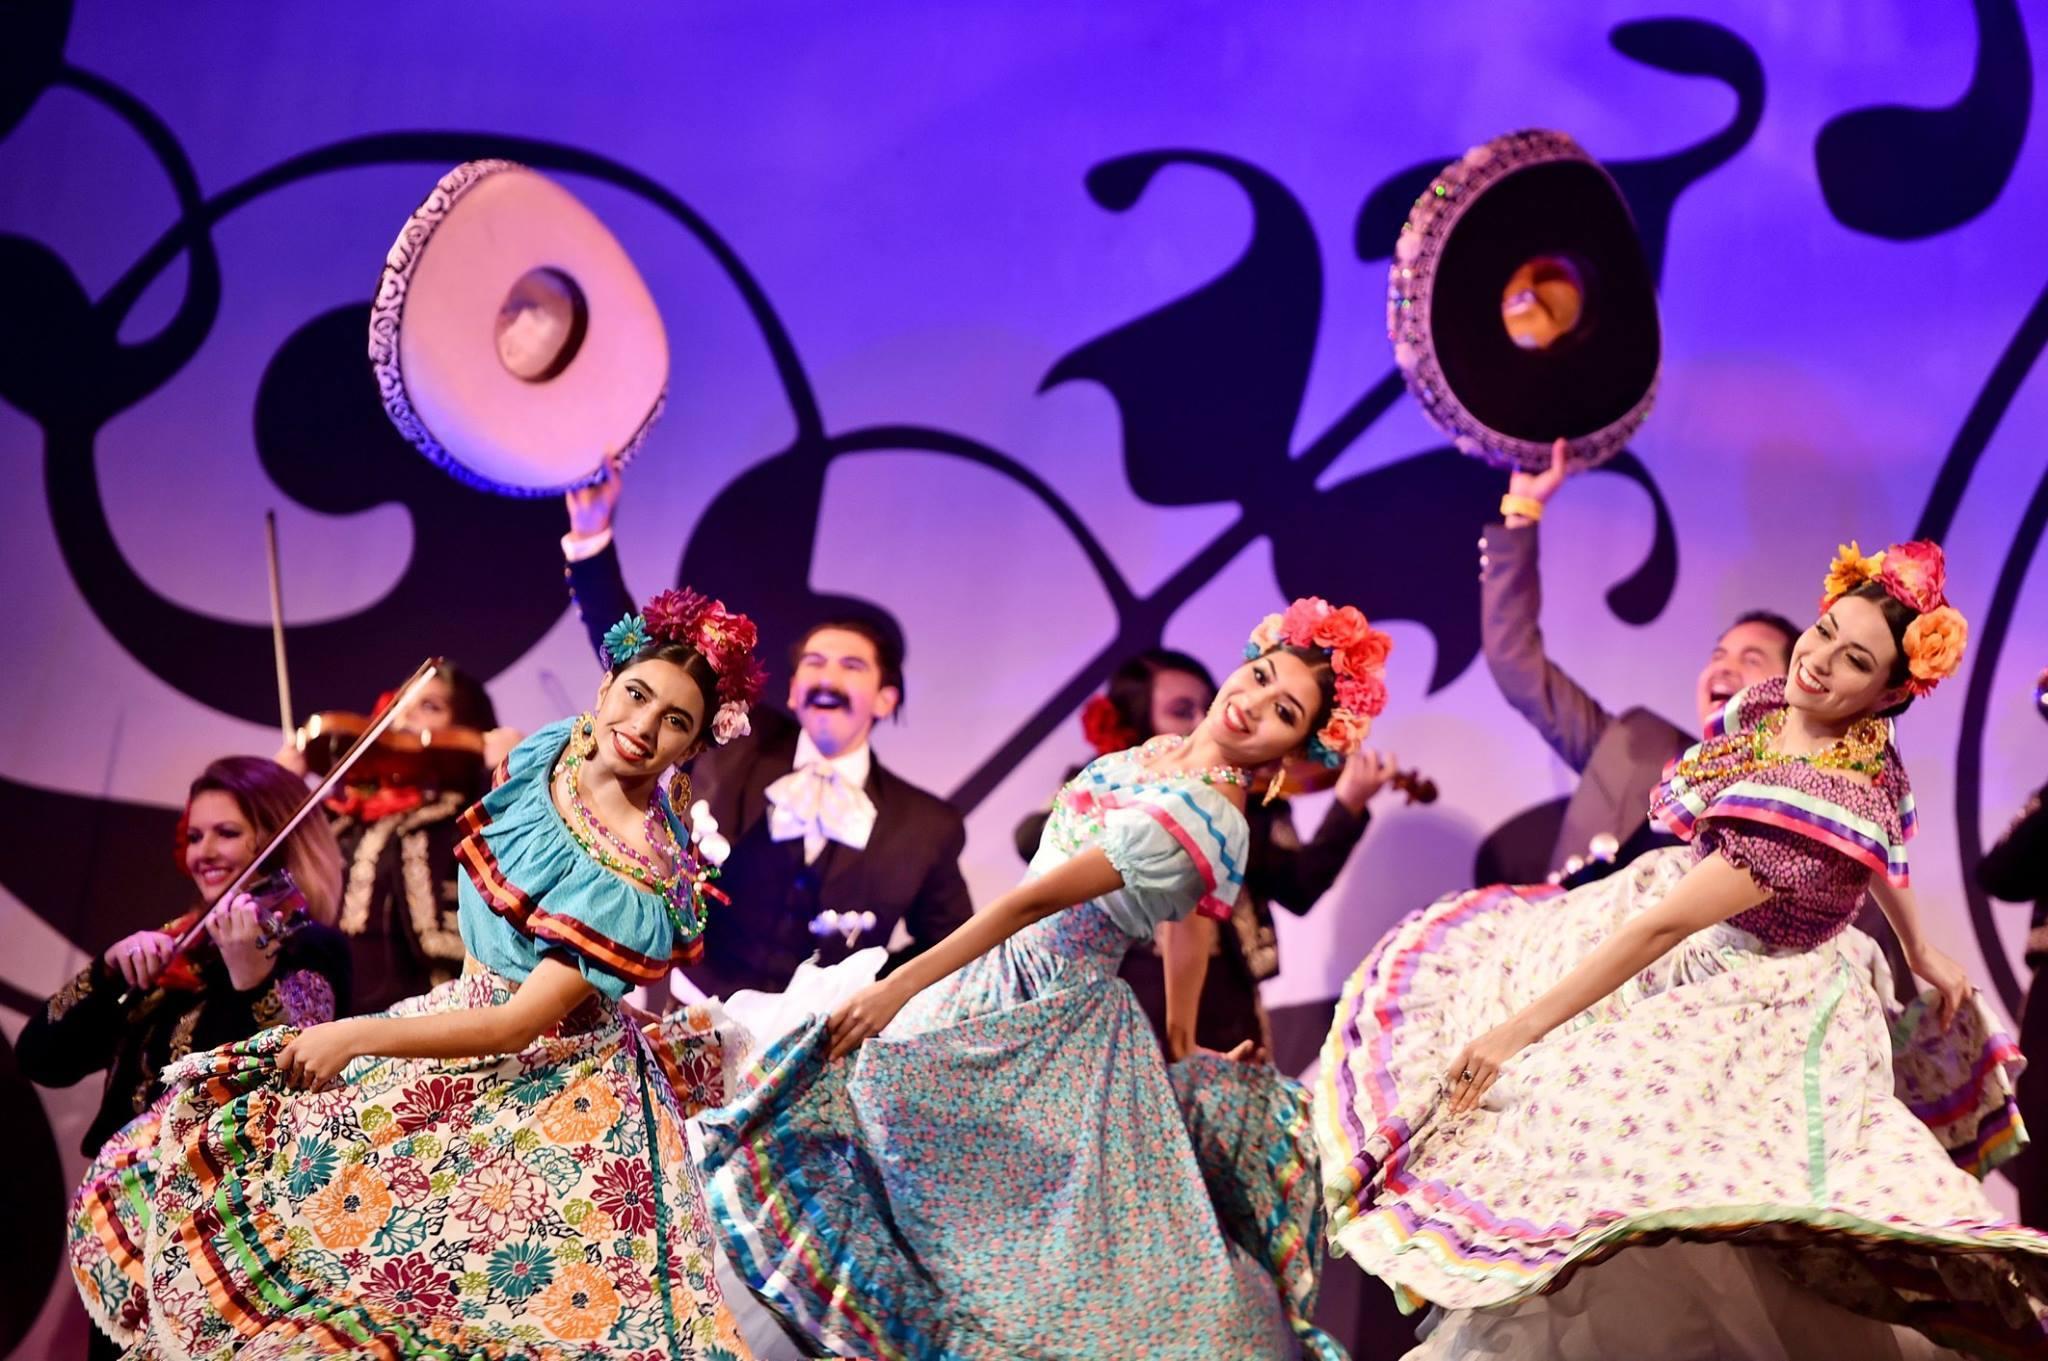 """Dancers at the U.S. premiere of """"Coco""""at El Capitan Theatre"""